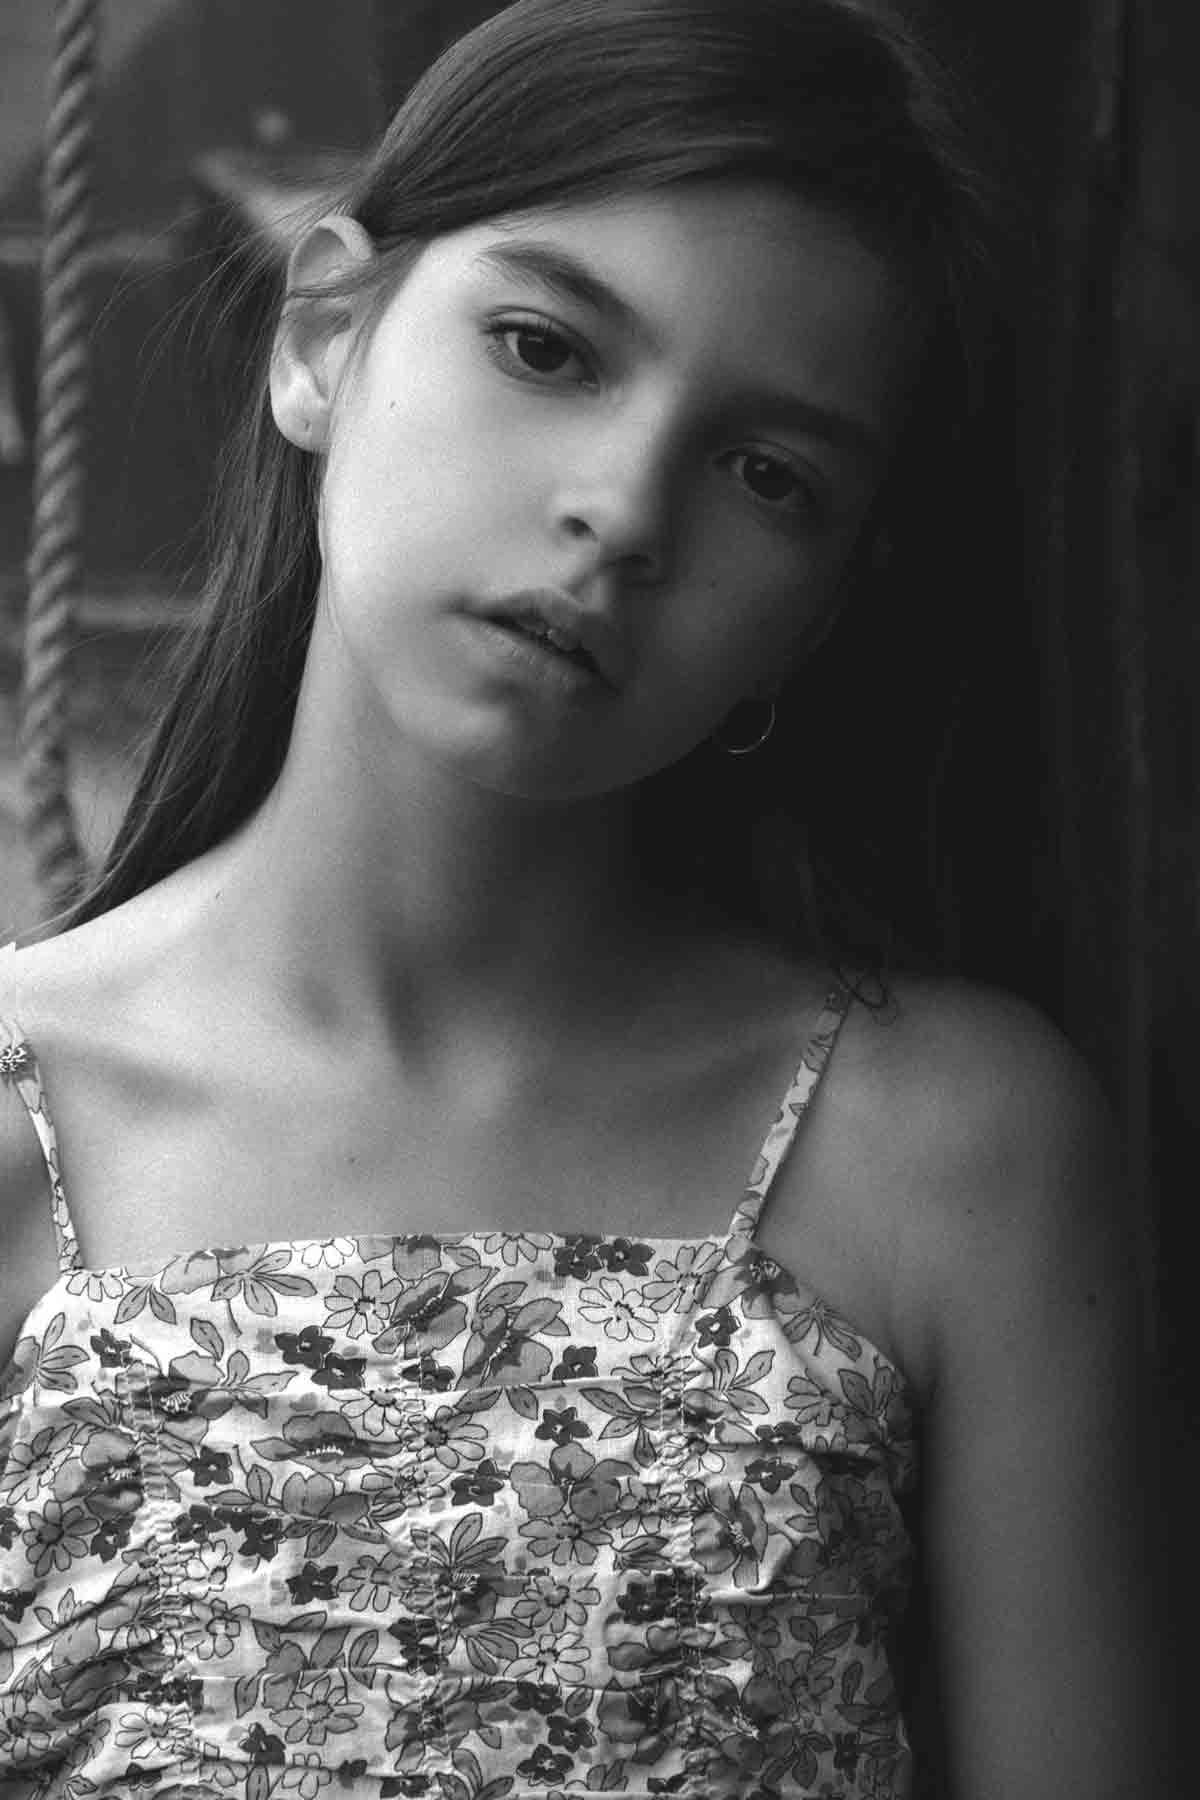 nastya model free teen